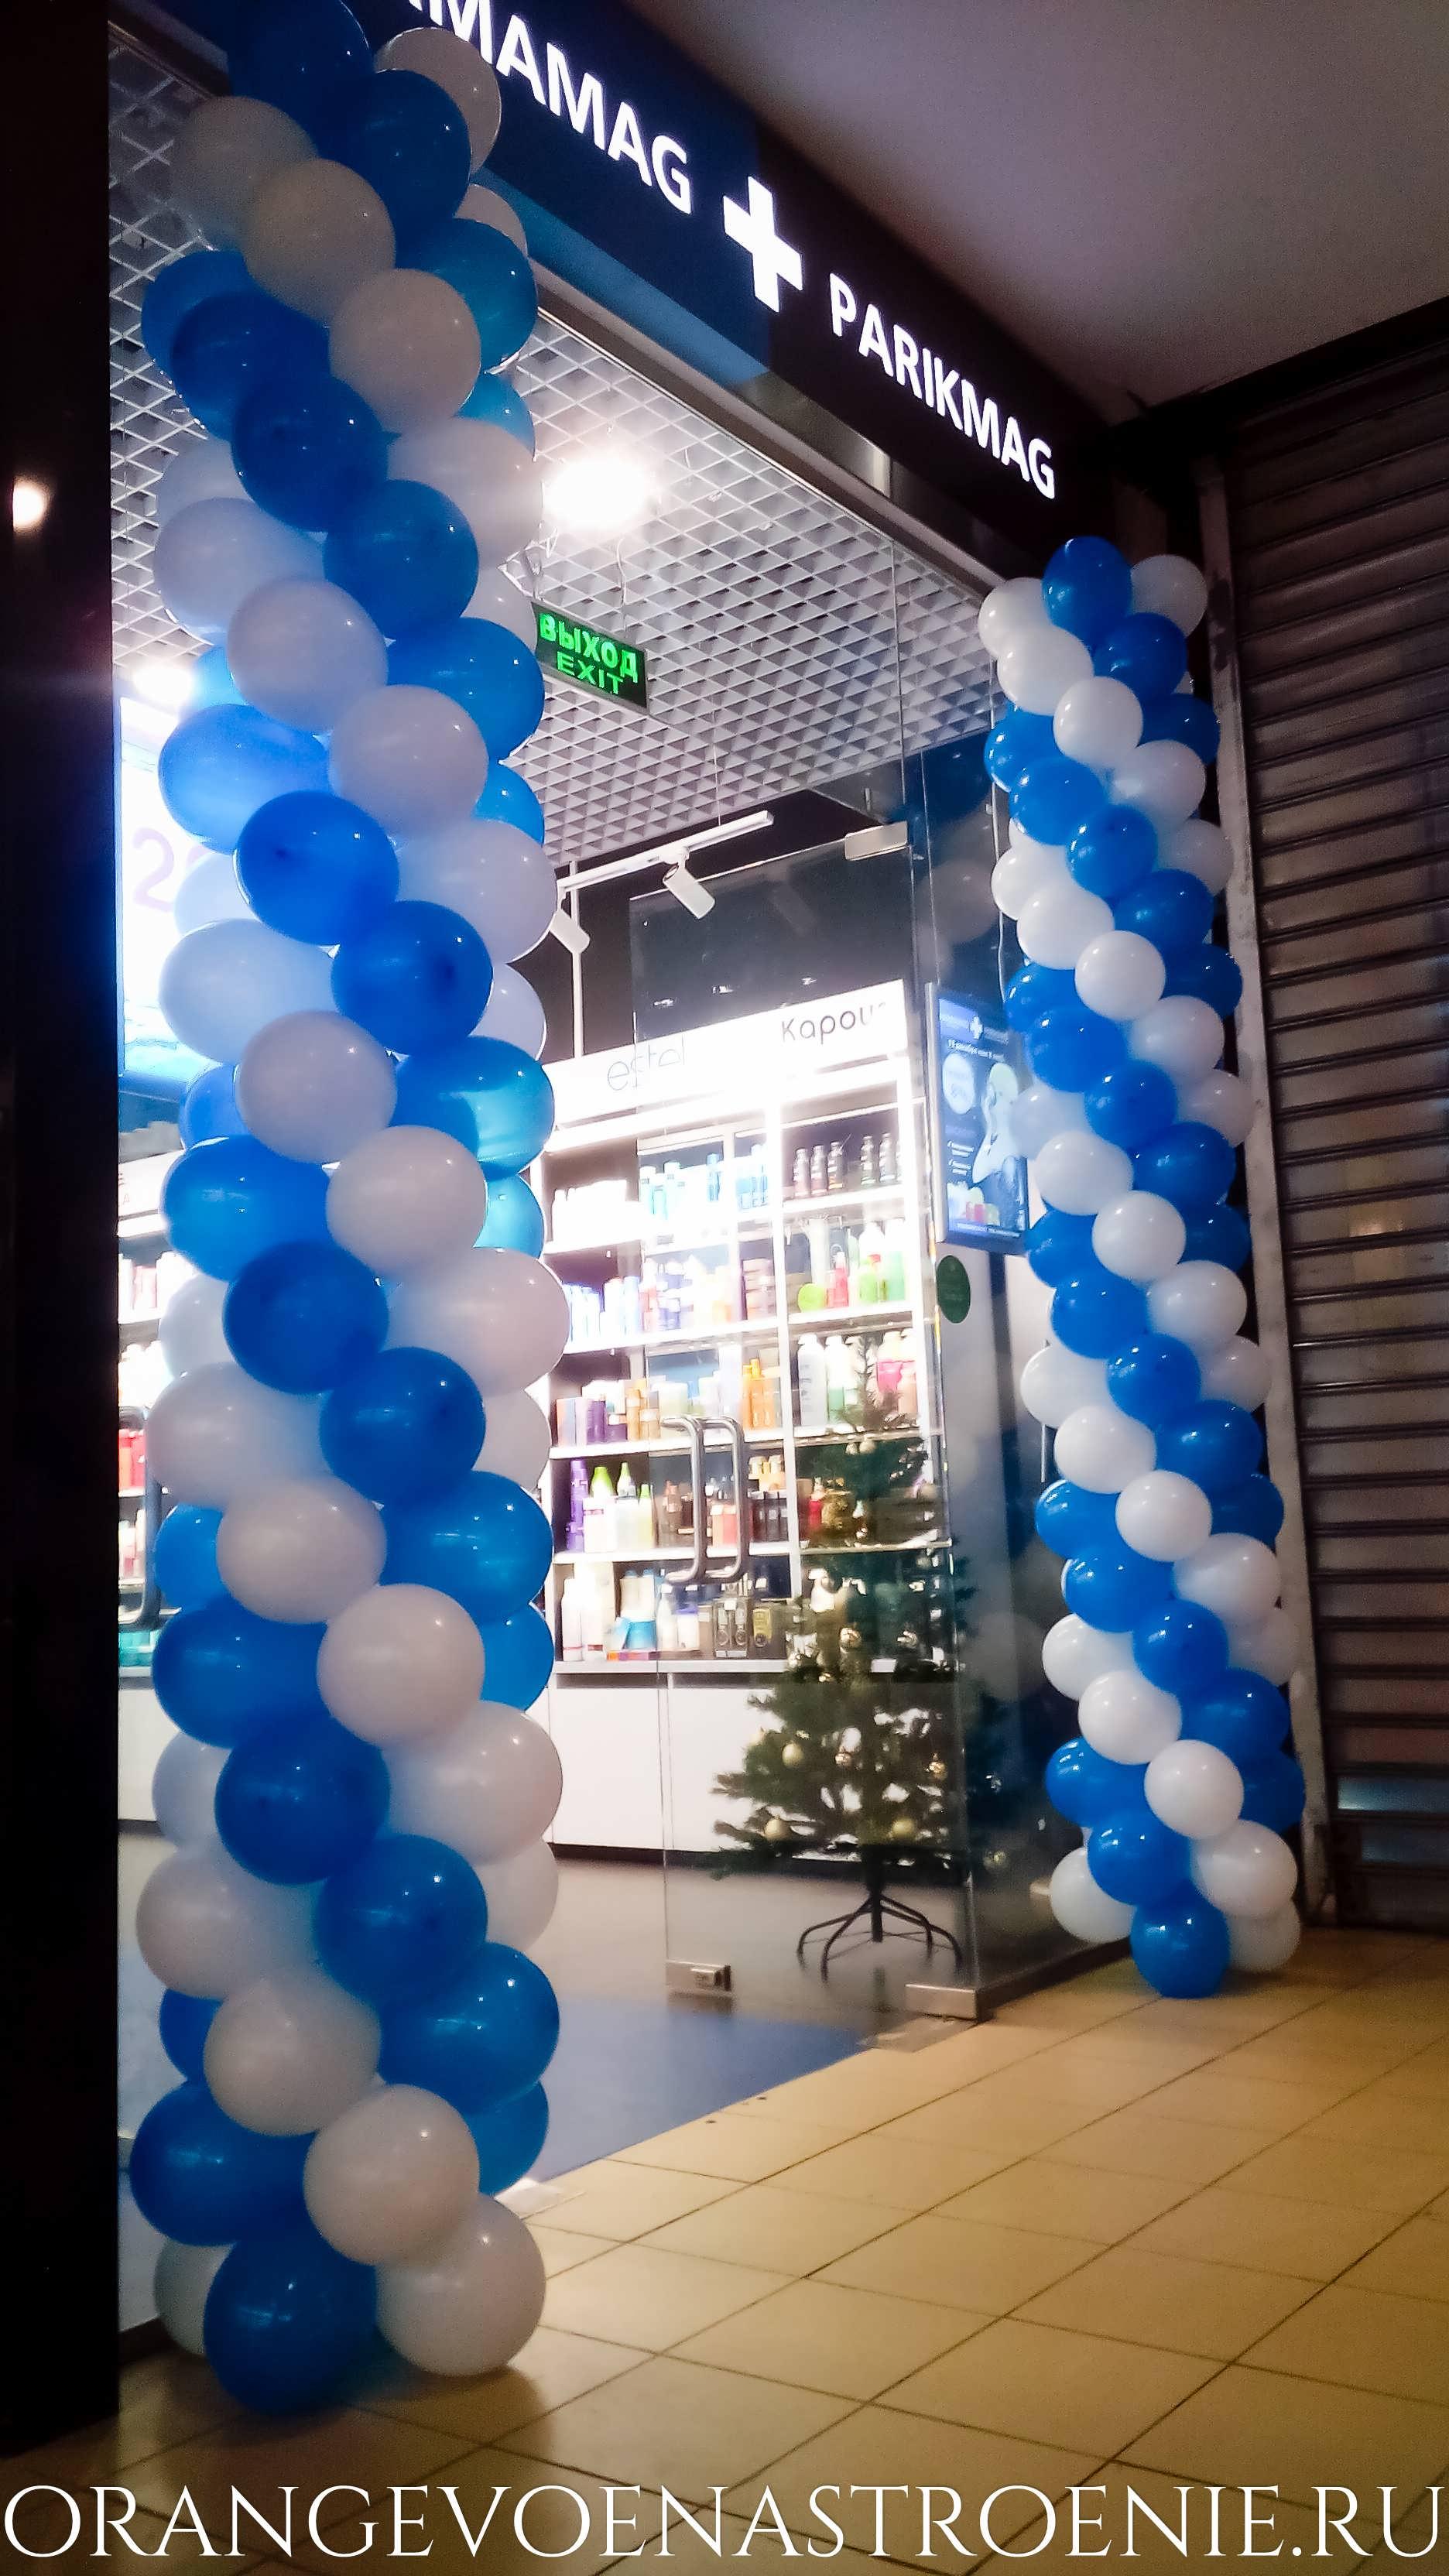 арка из воздушных шаров на открытие магазина Парикмаг. бело-голубые